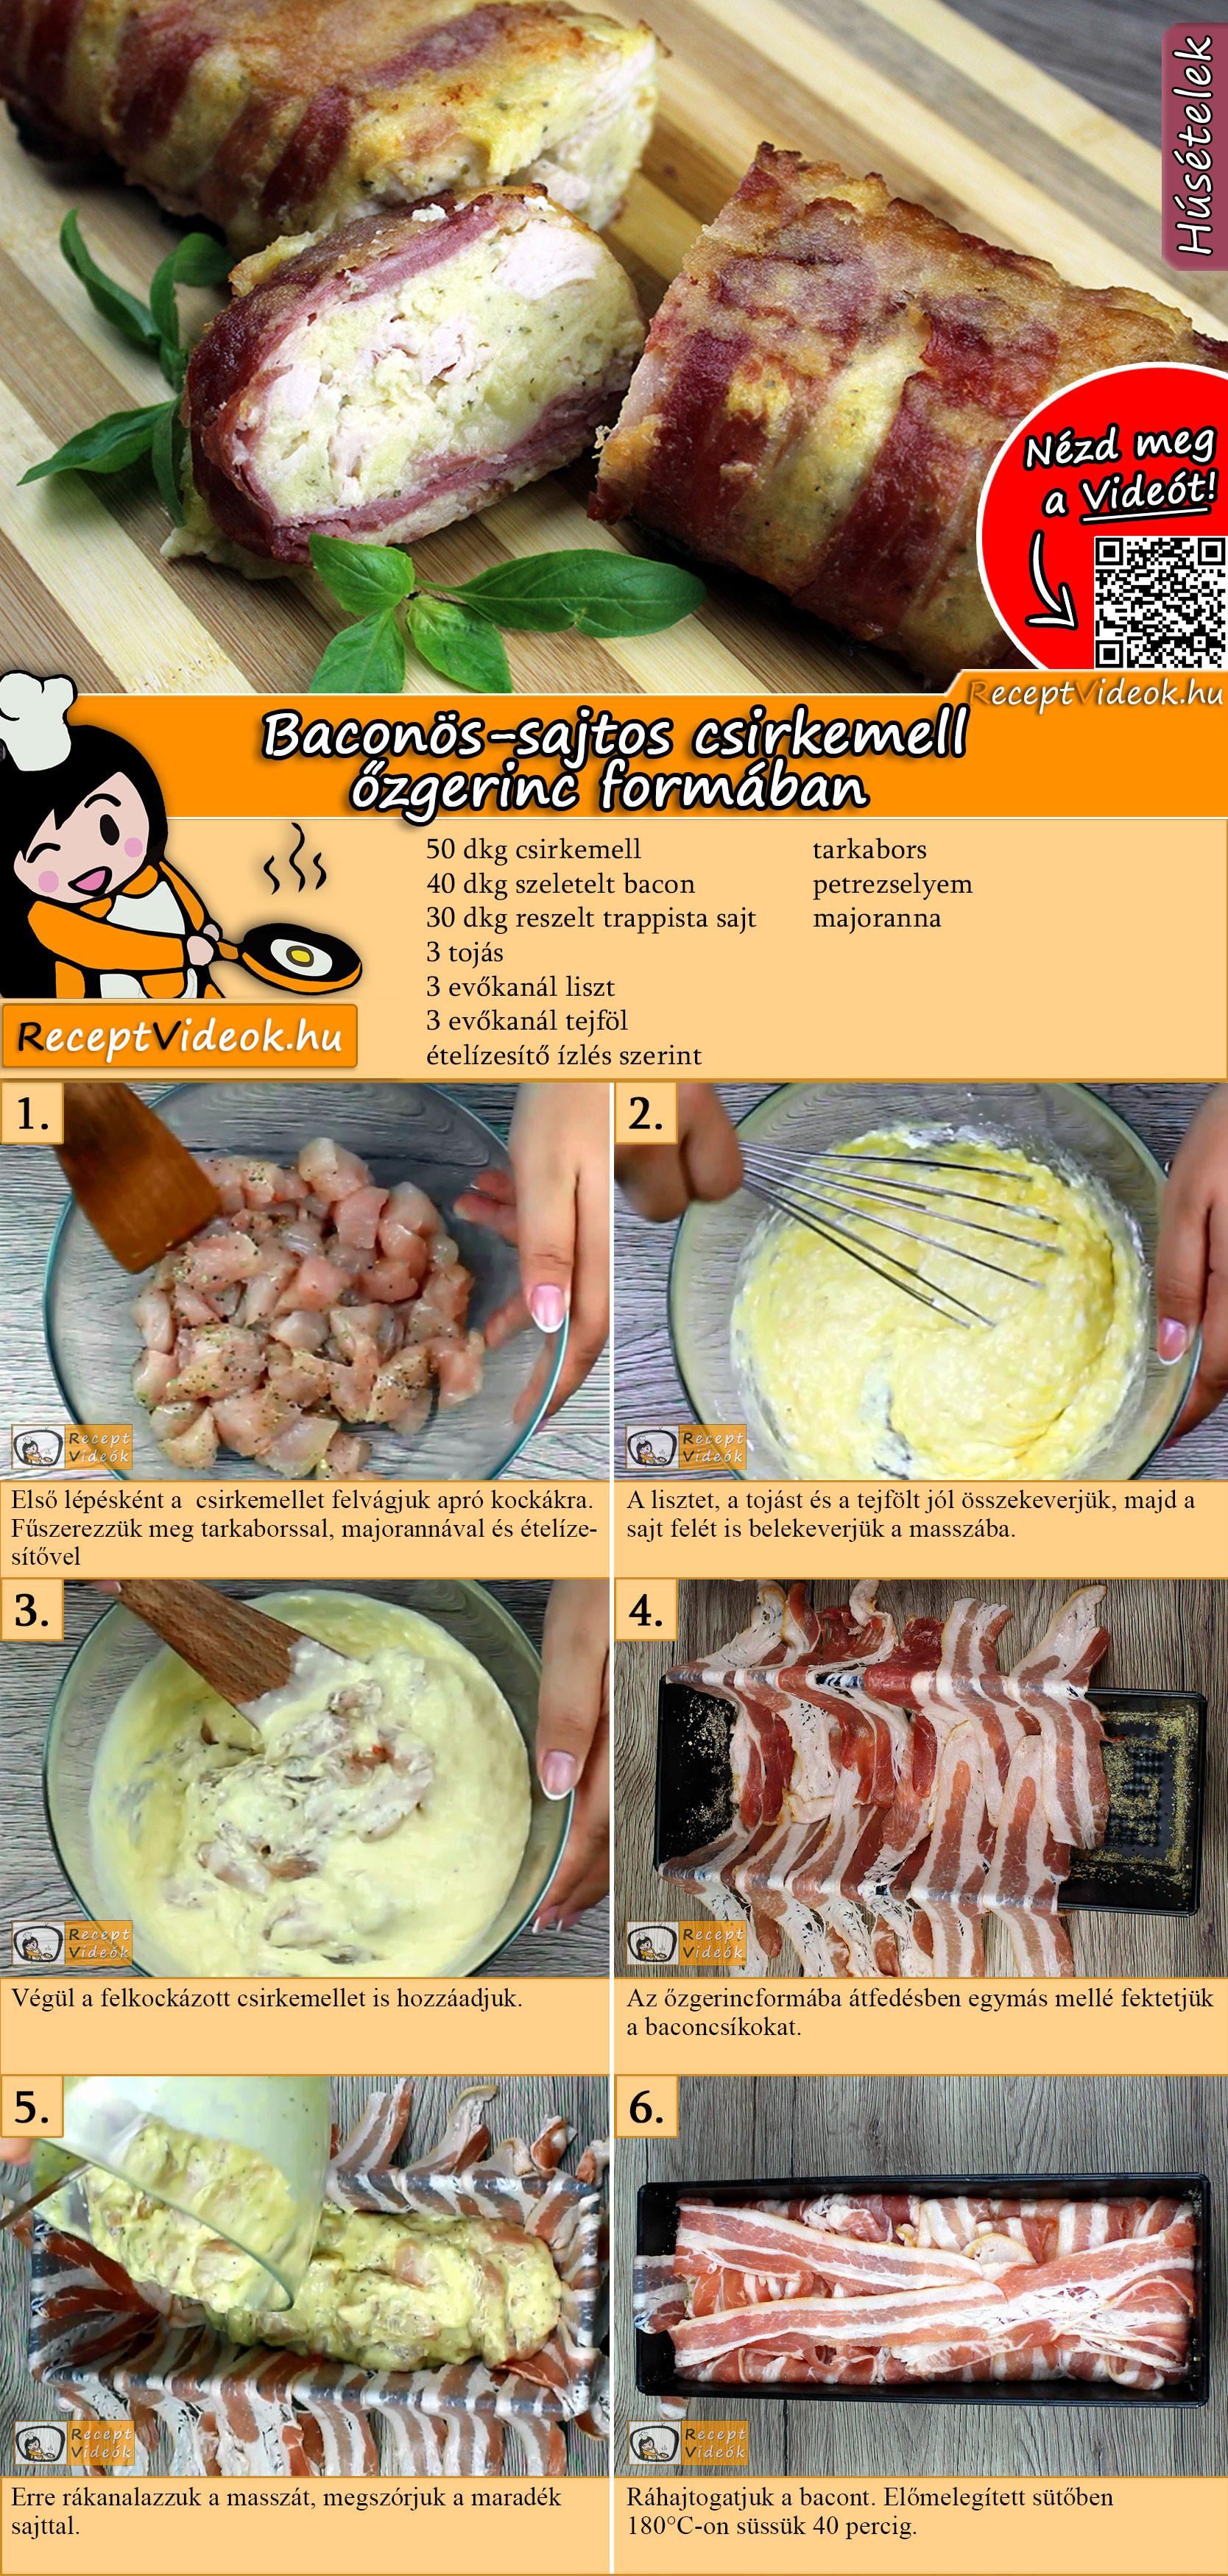 Baconos sajtos csirkemell Őzgerinc formában recept elkészítése videóval